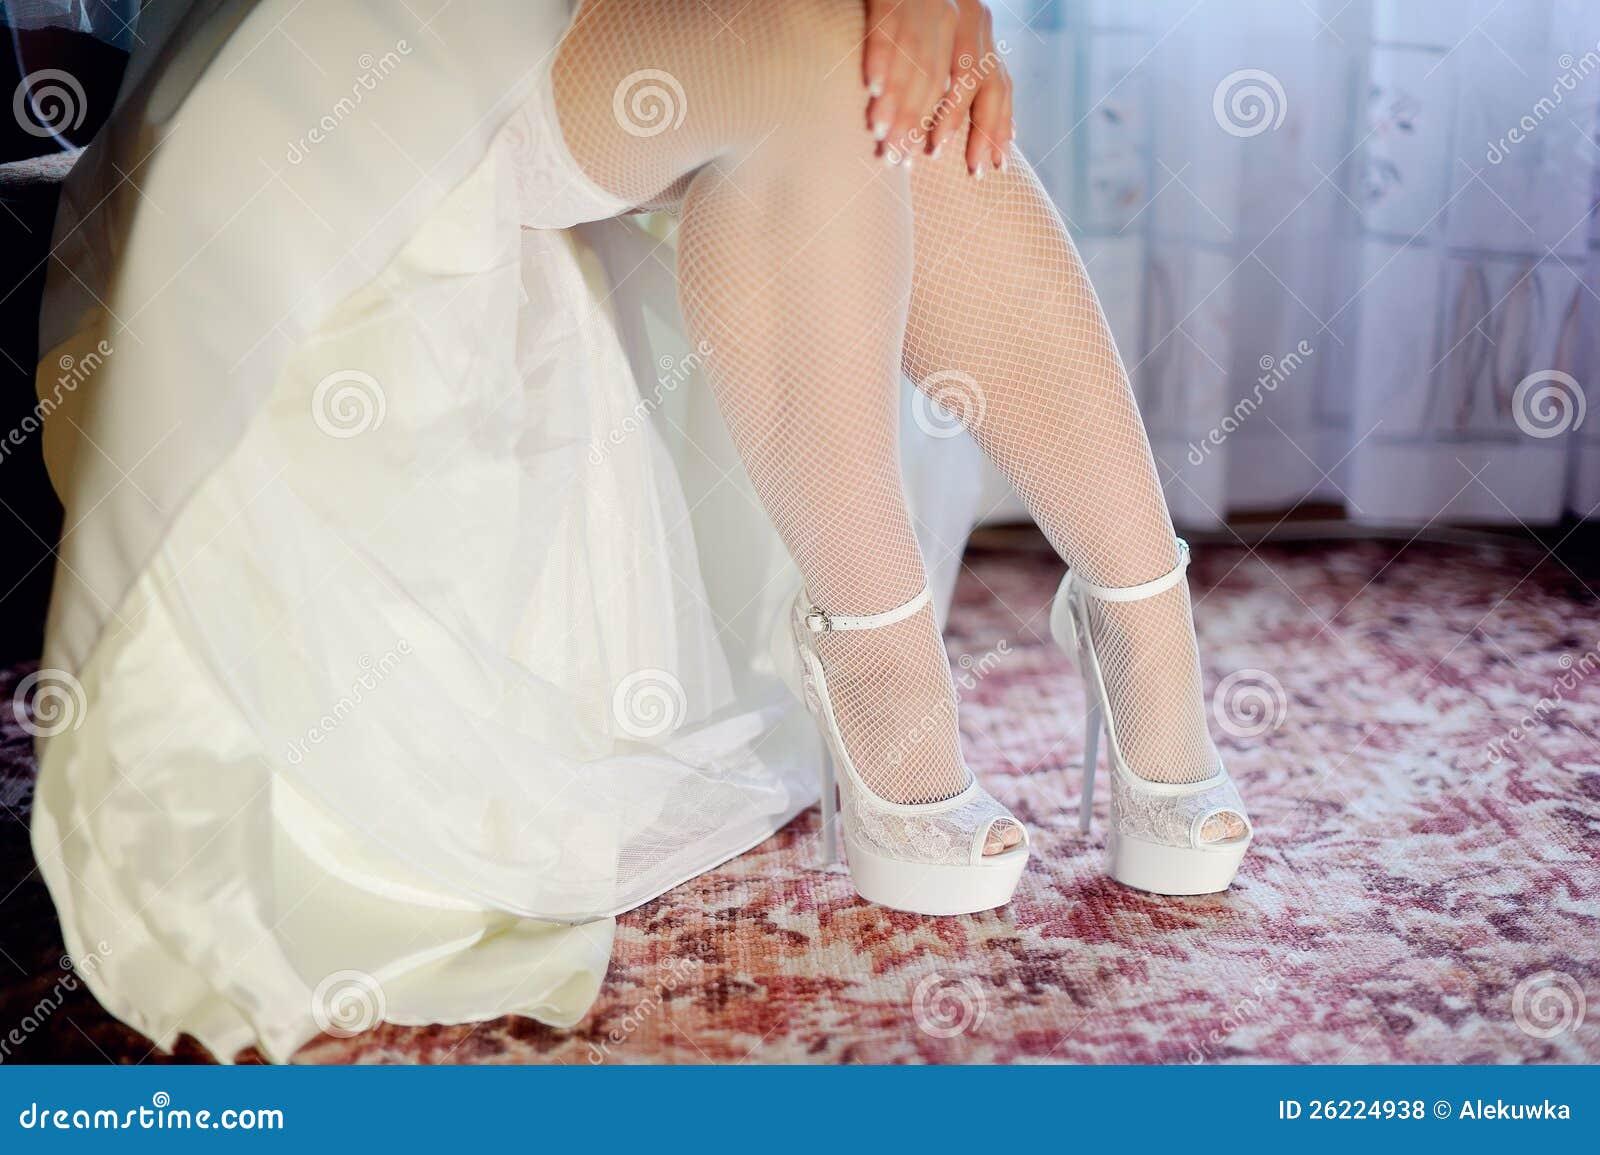 Фото невест нога на ногу, Снова невесты. Ножки (42 фото) » Триникси 27 фотография